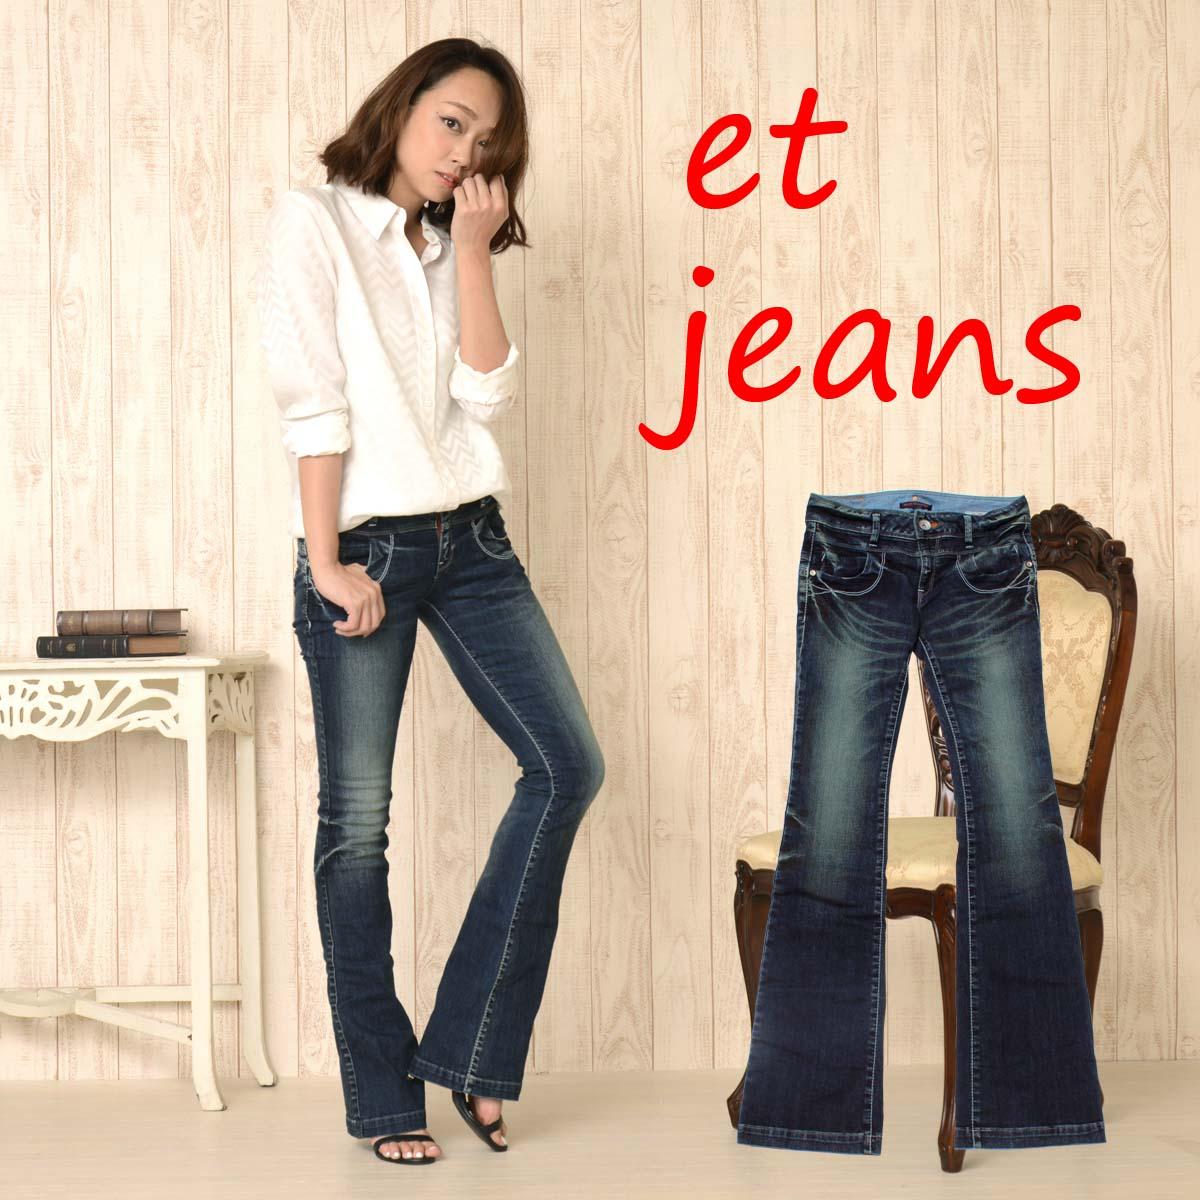 美脚小尻ブーツカット:et/ET BOITE:ハイパワーストレッチデニム・ブーツカットジーンズ(ビンテージブラウン):E1814-5550 ETジーンズ エボワット デニム ジーンズ レディース フレア 裾上げ